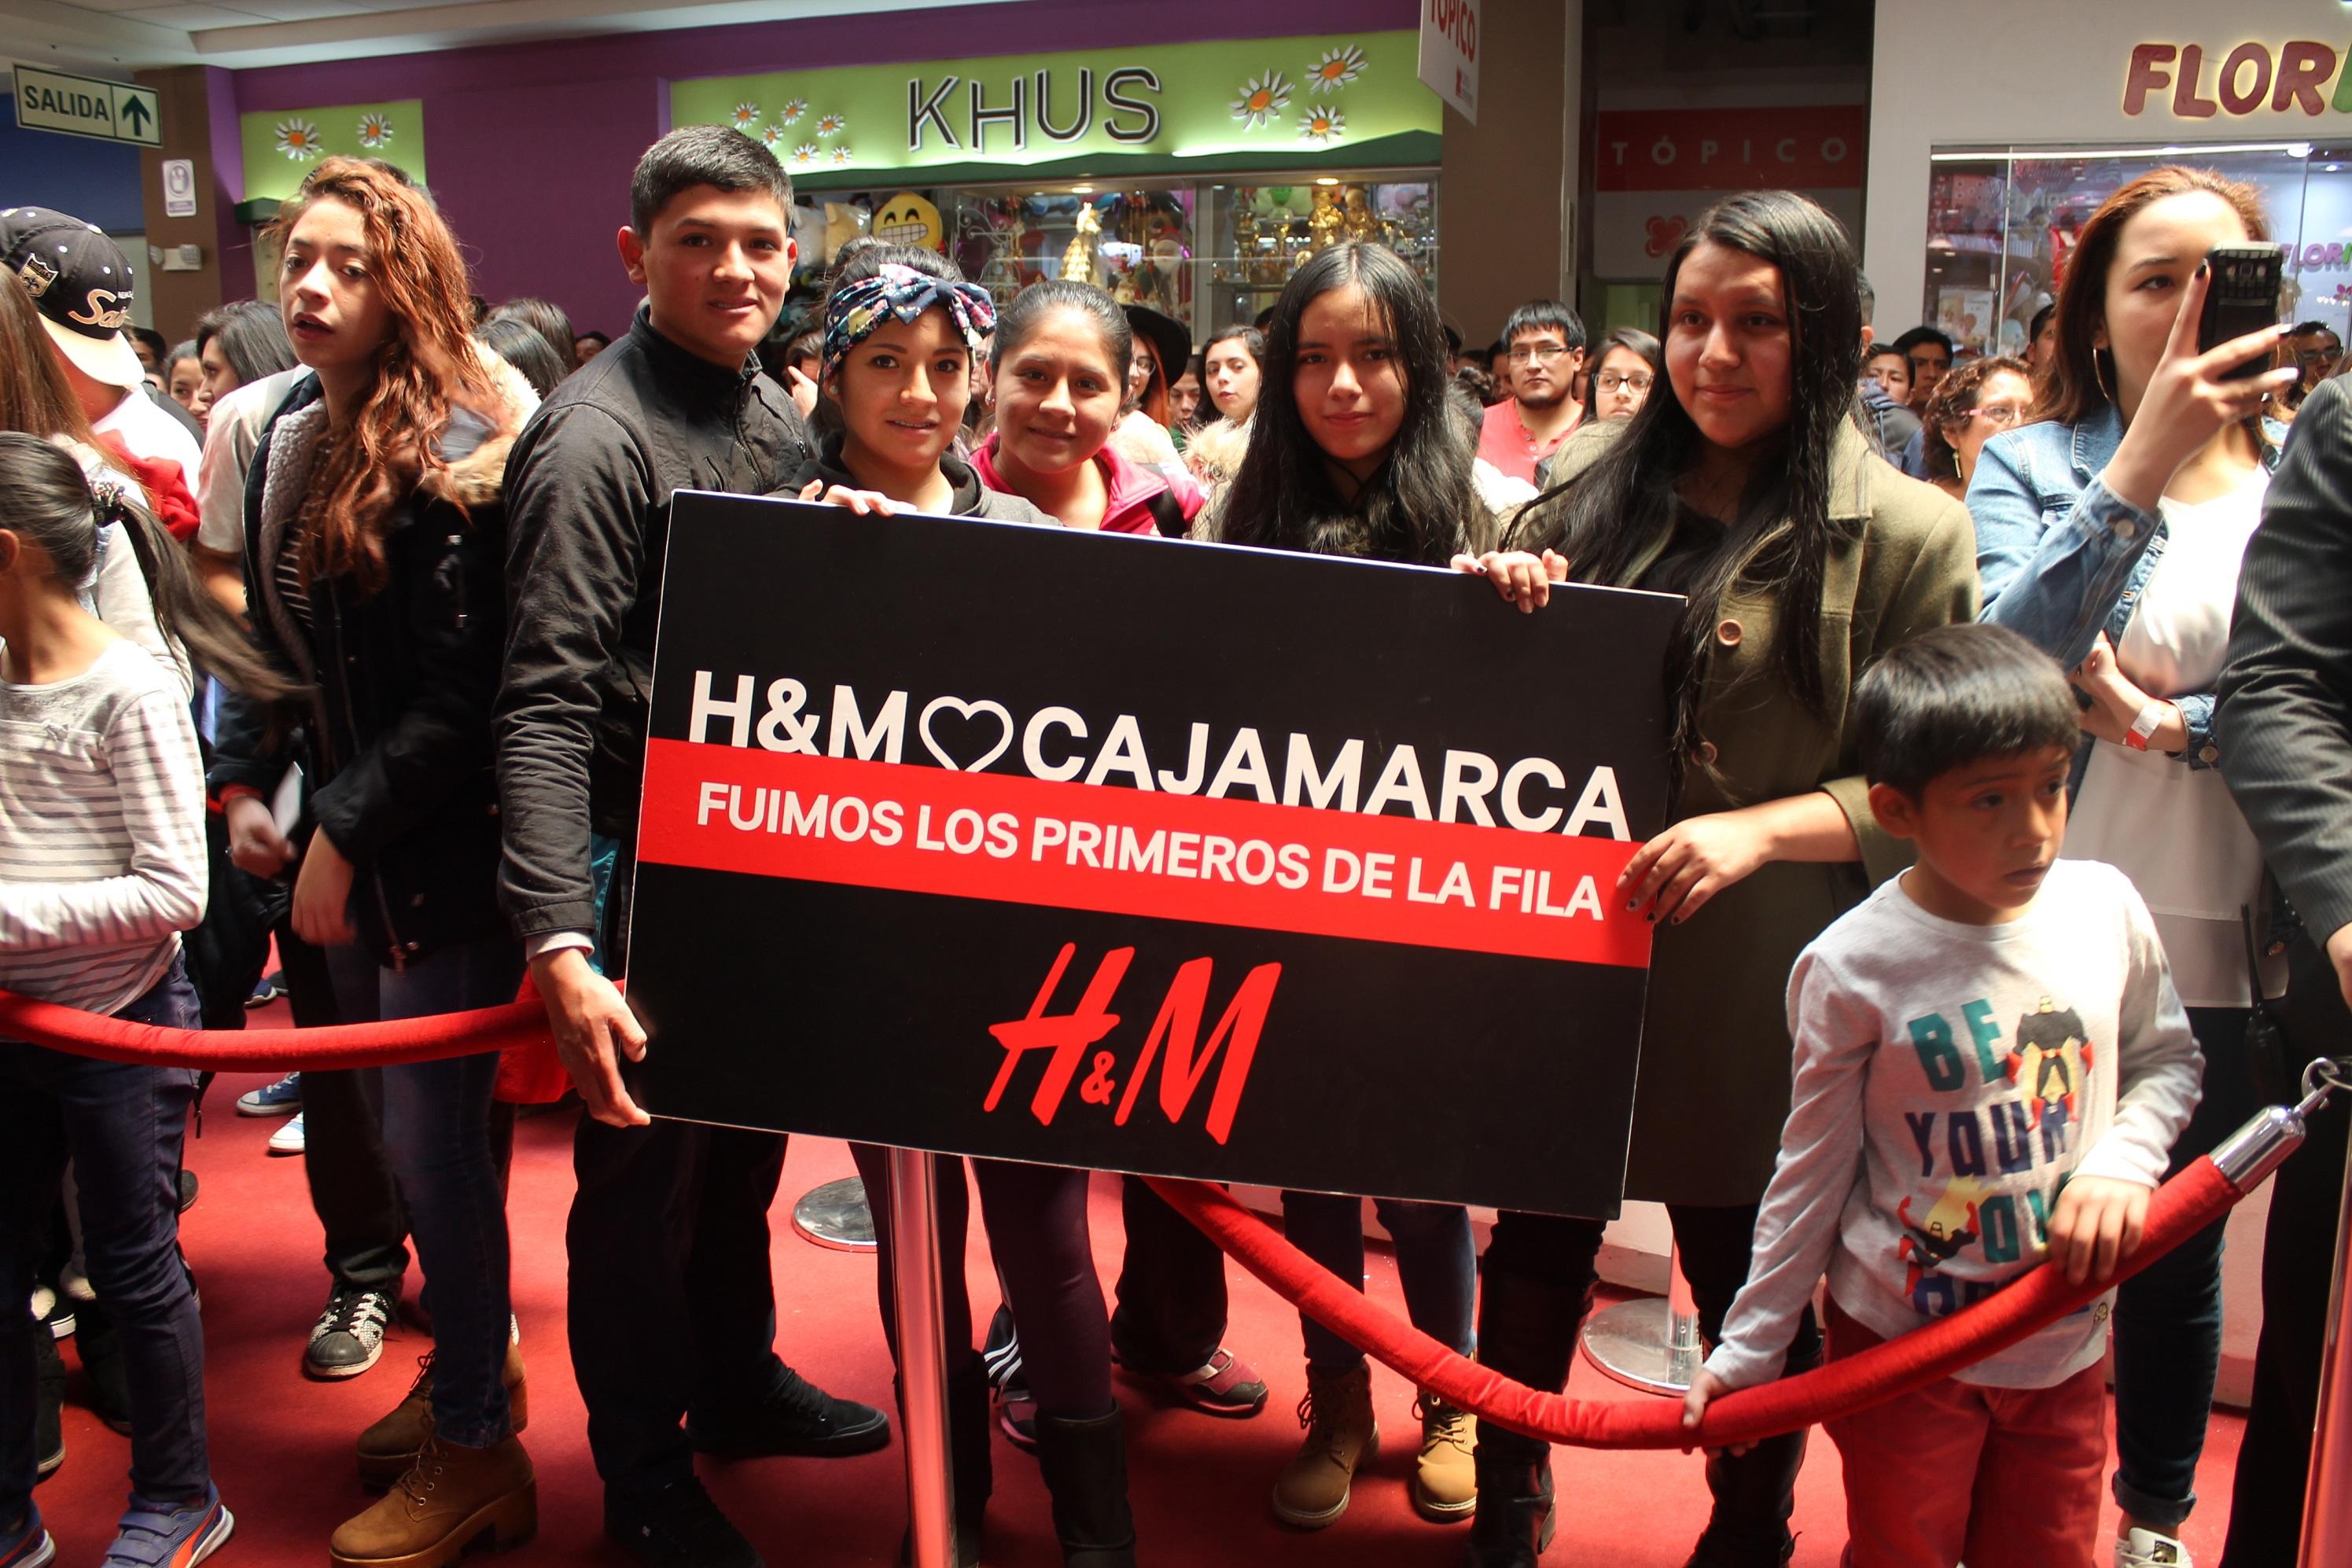 hm cajamarca peru 4 - H&M abrió su octava tienda en Perú